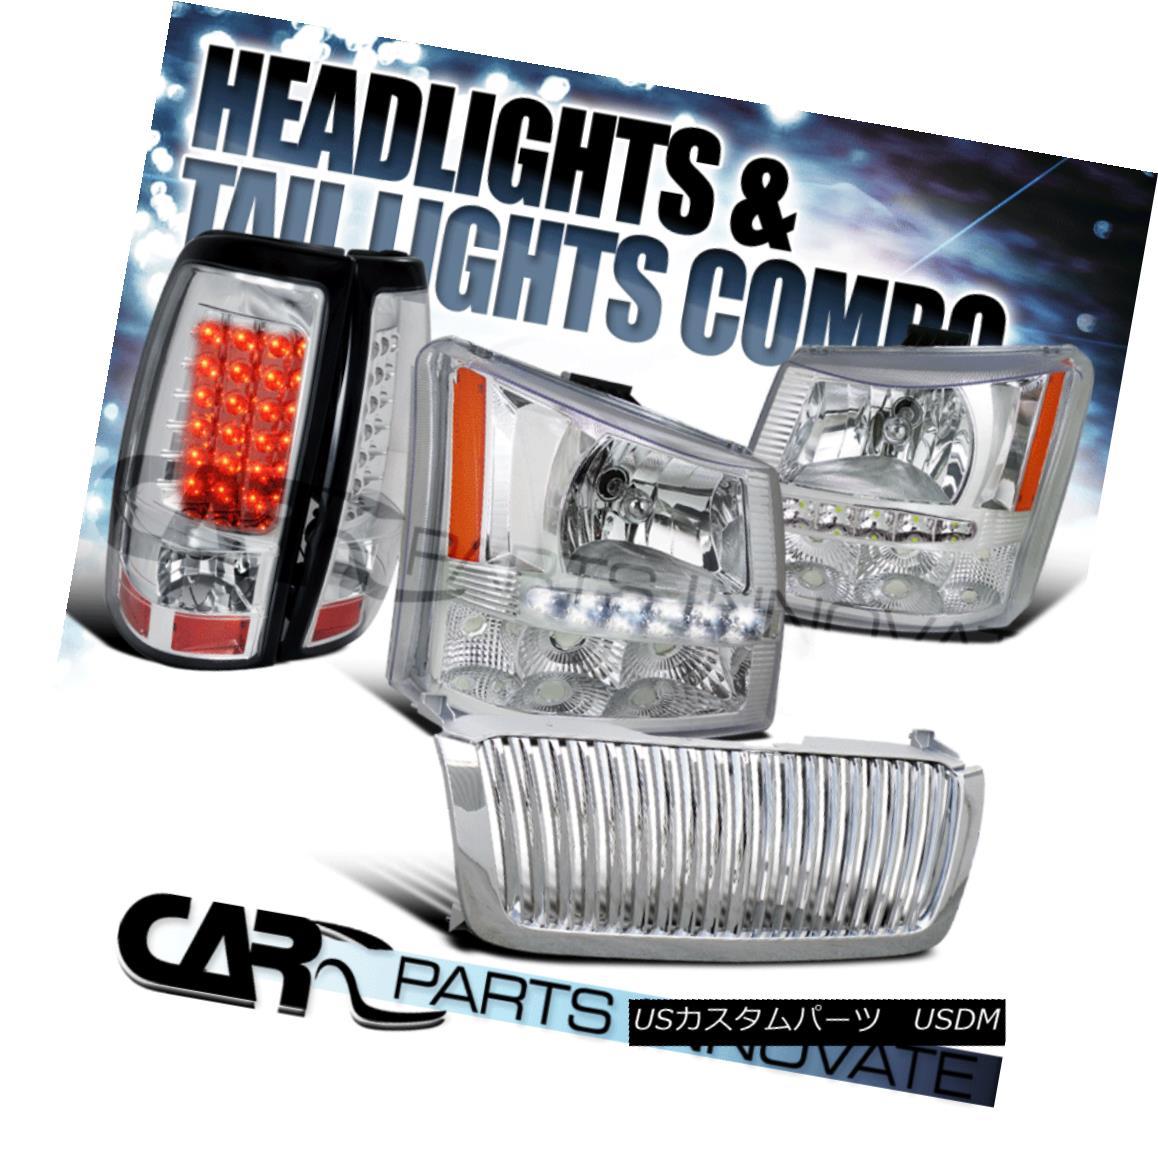 グリル 03-05 Silverado 2in1 Chrome SMD LED DRL Head Bumper Lights+Grille+LED Tail Lamp 03-05 Silverado 2in1 Chrome SMD LED DRLヘッドバンパーライト+グリル+ LEDテールランプ